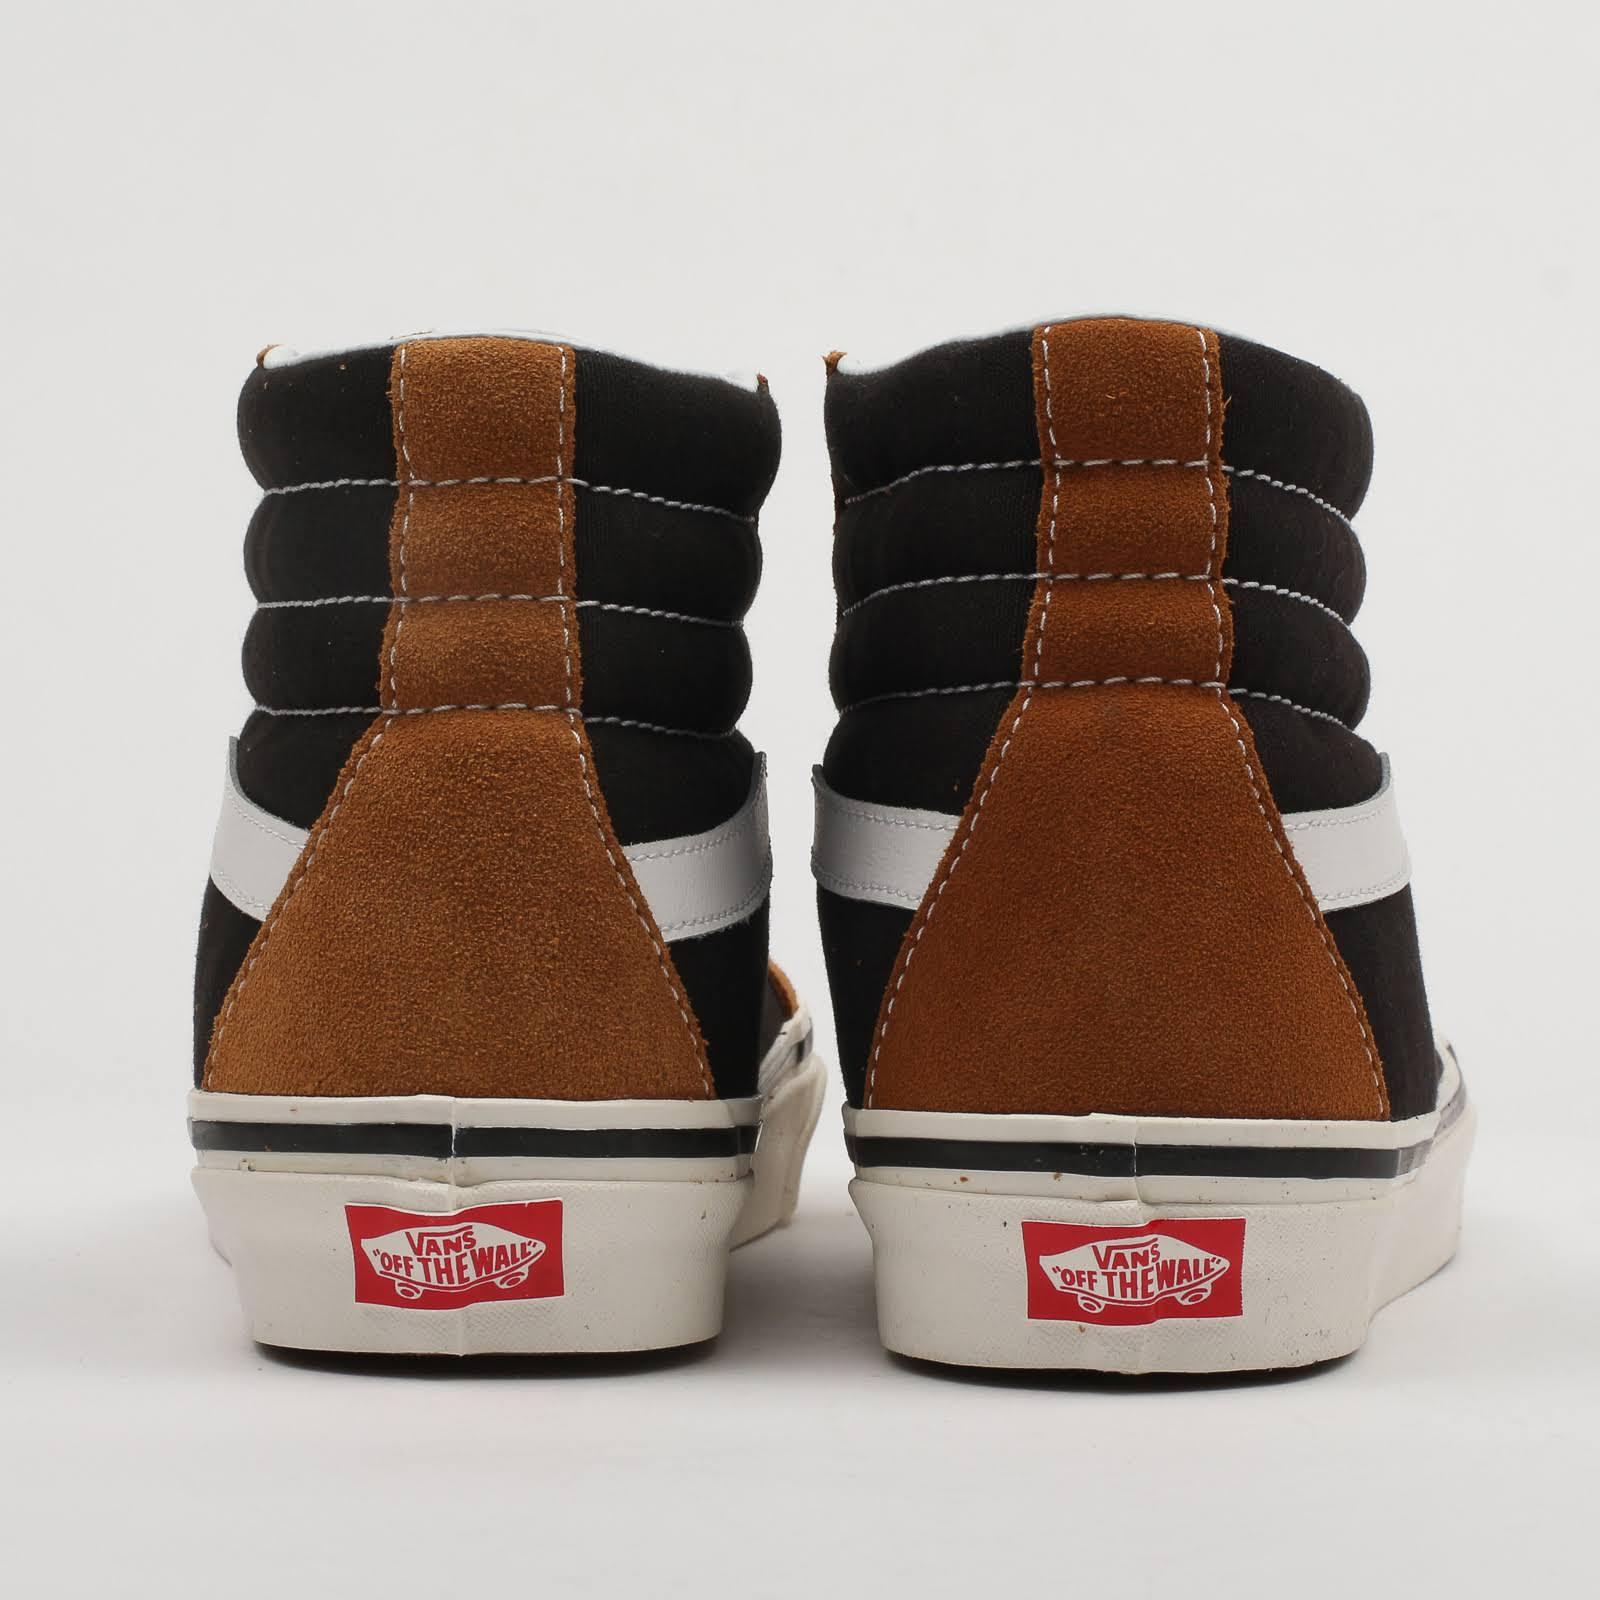 Og Factory Hart anaheim hi Vans Braun Schuhe Dx 38 Sk8 xYSq0xwT4